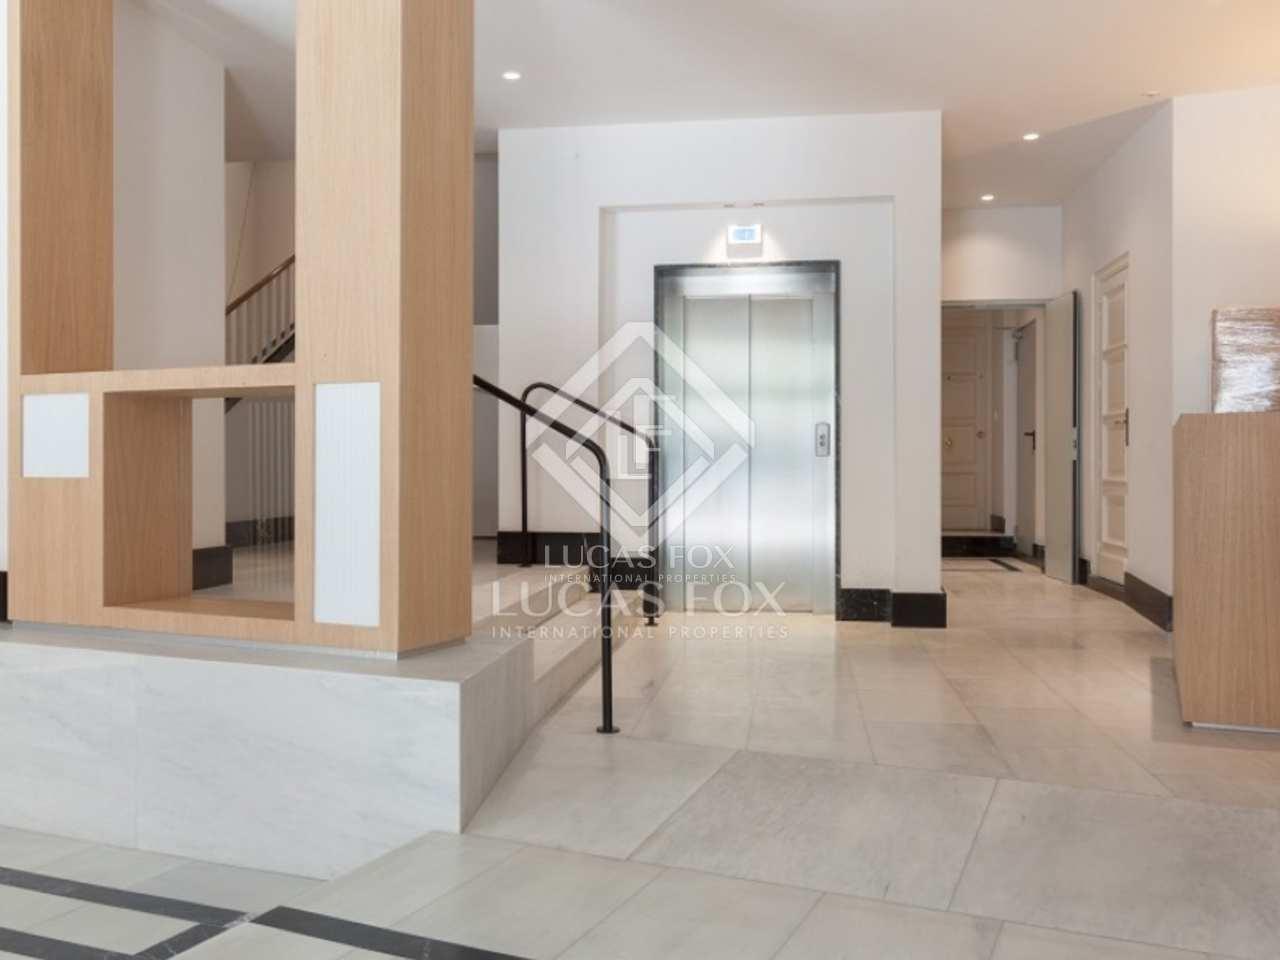 97m wohnung zum verkauf in recoletos madrid. Black Bedroom Furniture Sets. Home Design Ideas